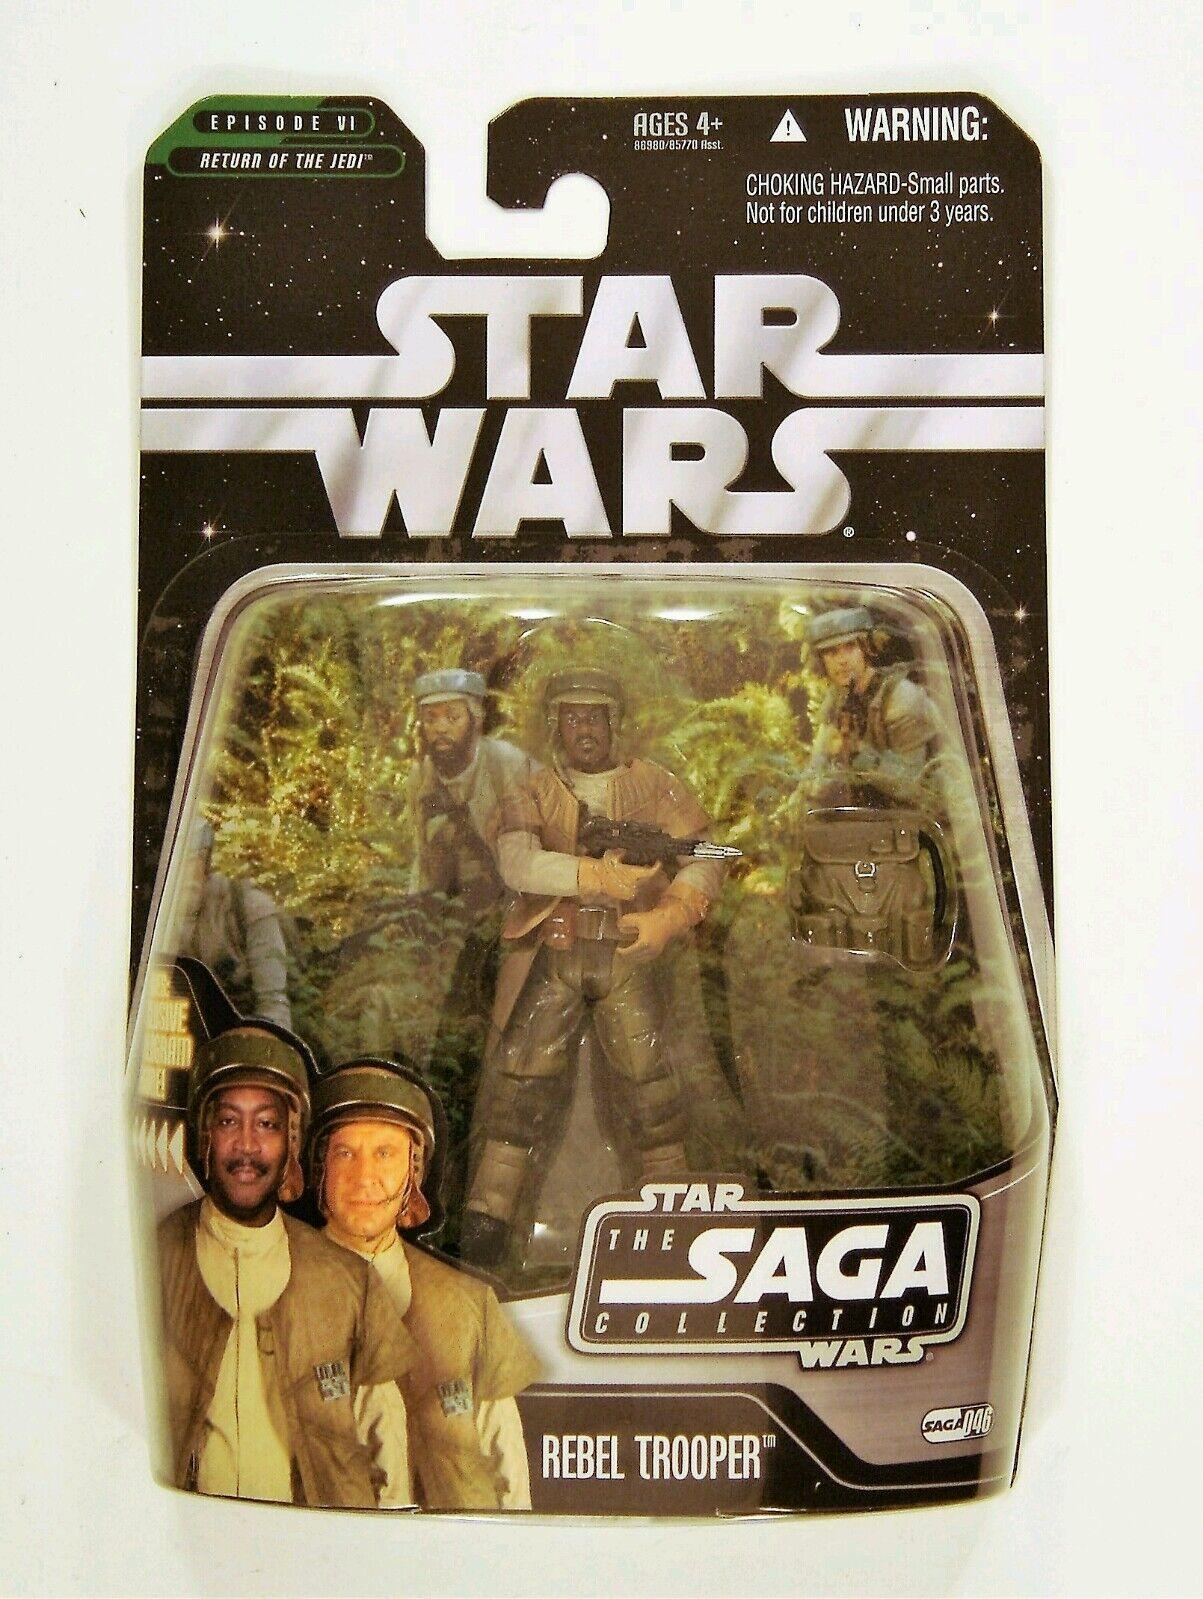 star wars  - saga sammlung rebellen hasbro trooper (variante) 3,75 zahlen